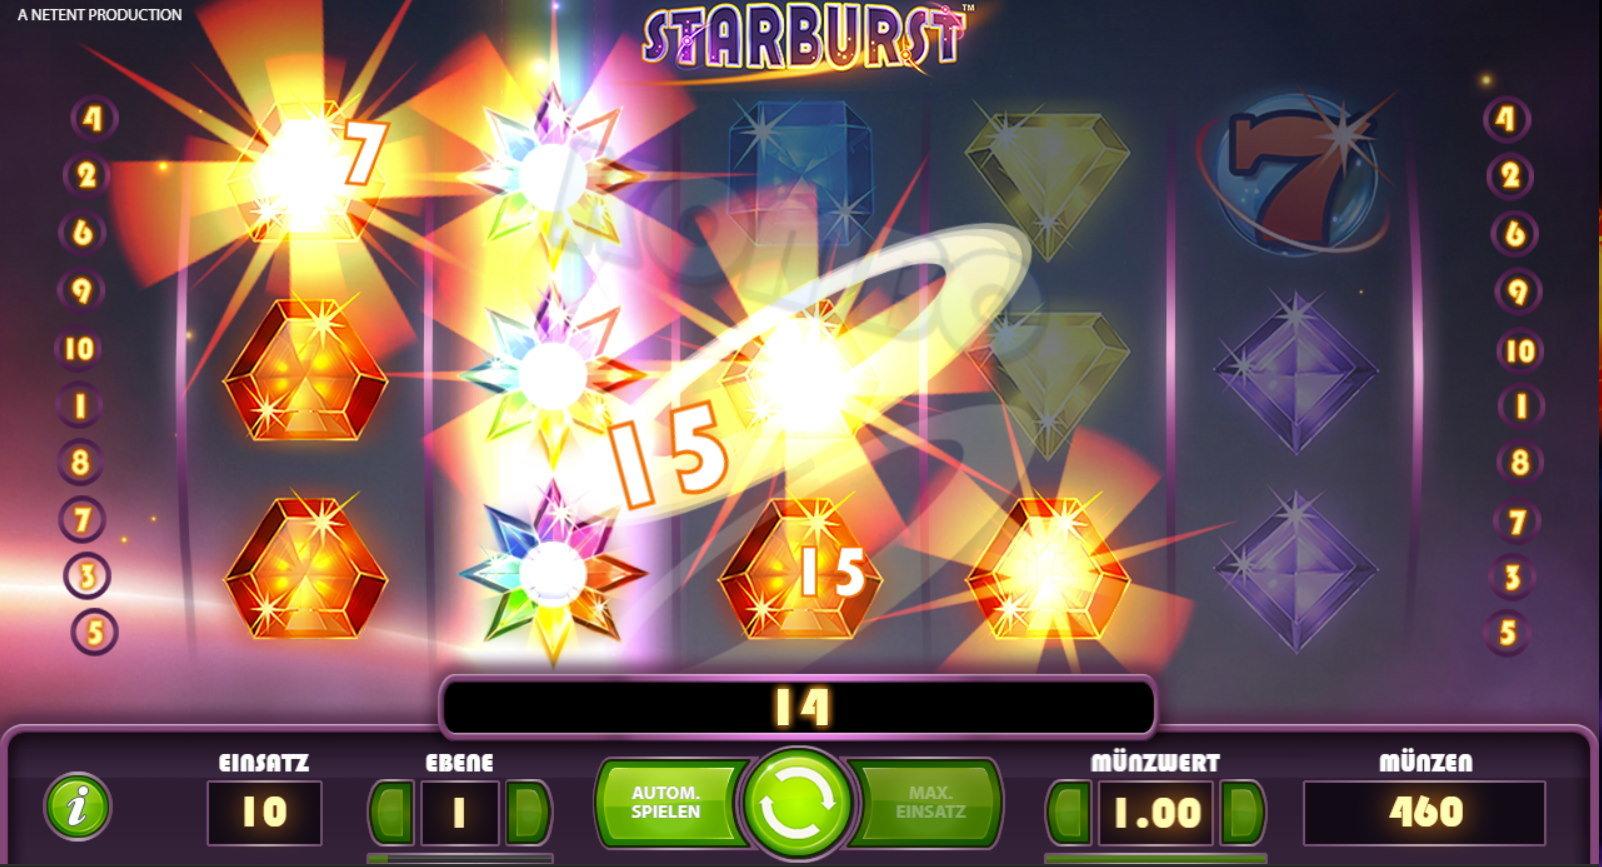 Starburst Wie wird Starburst gespielt und welche Bedeutung haben die Symbole